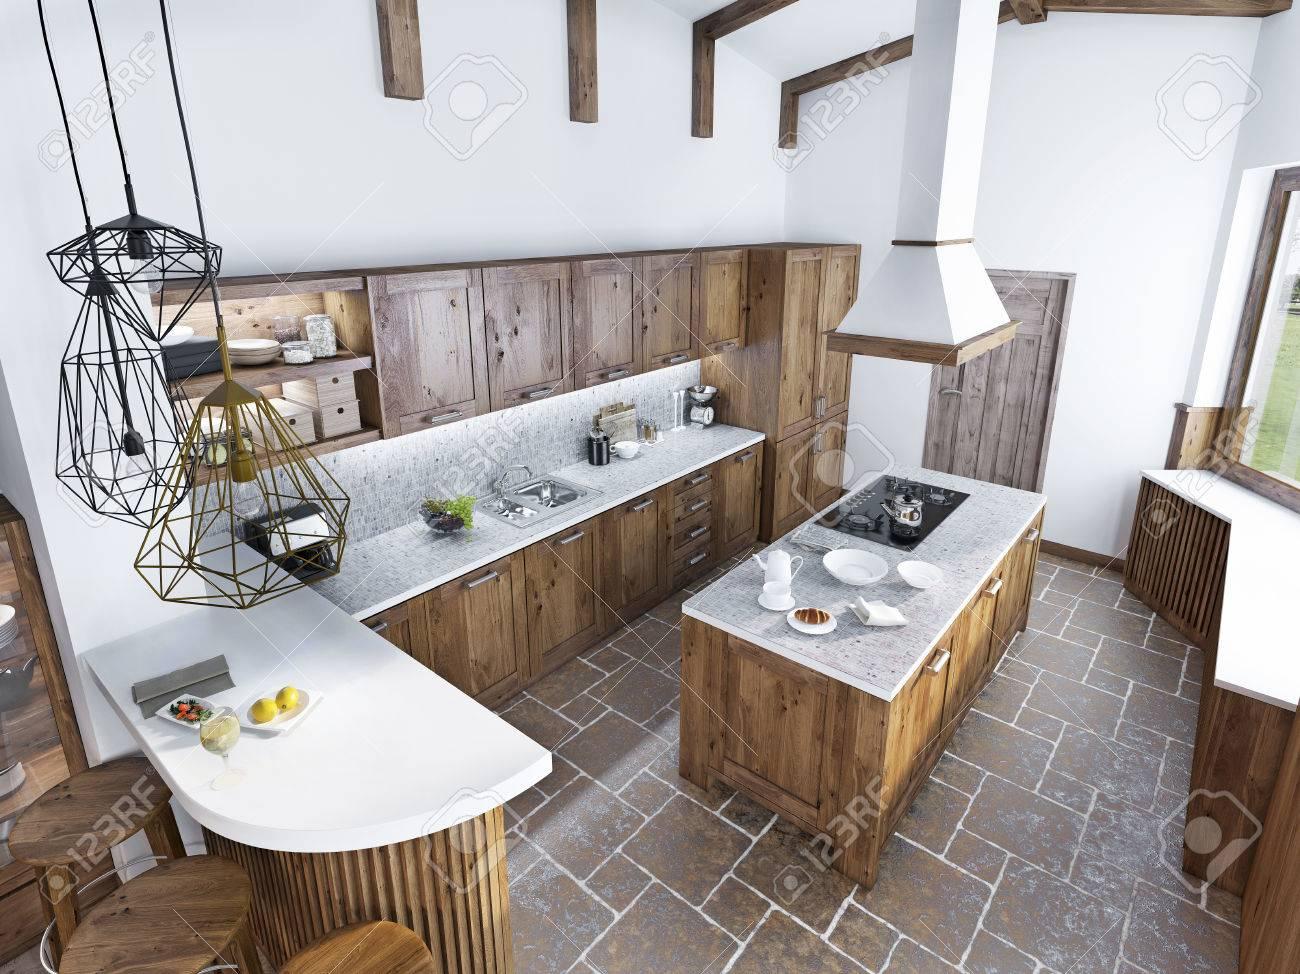 Cocina De Lujo Moderna En Un Estilo Loft. El Diseño De Una Cocina ...